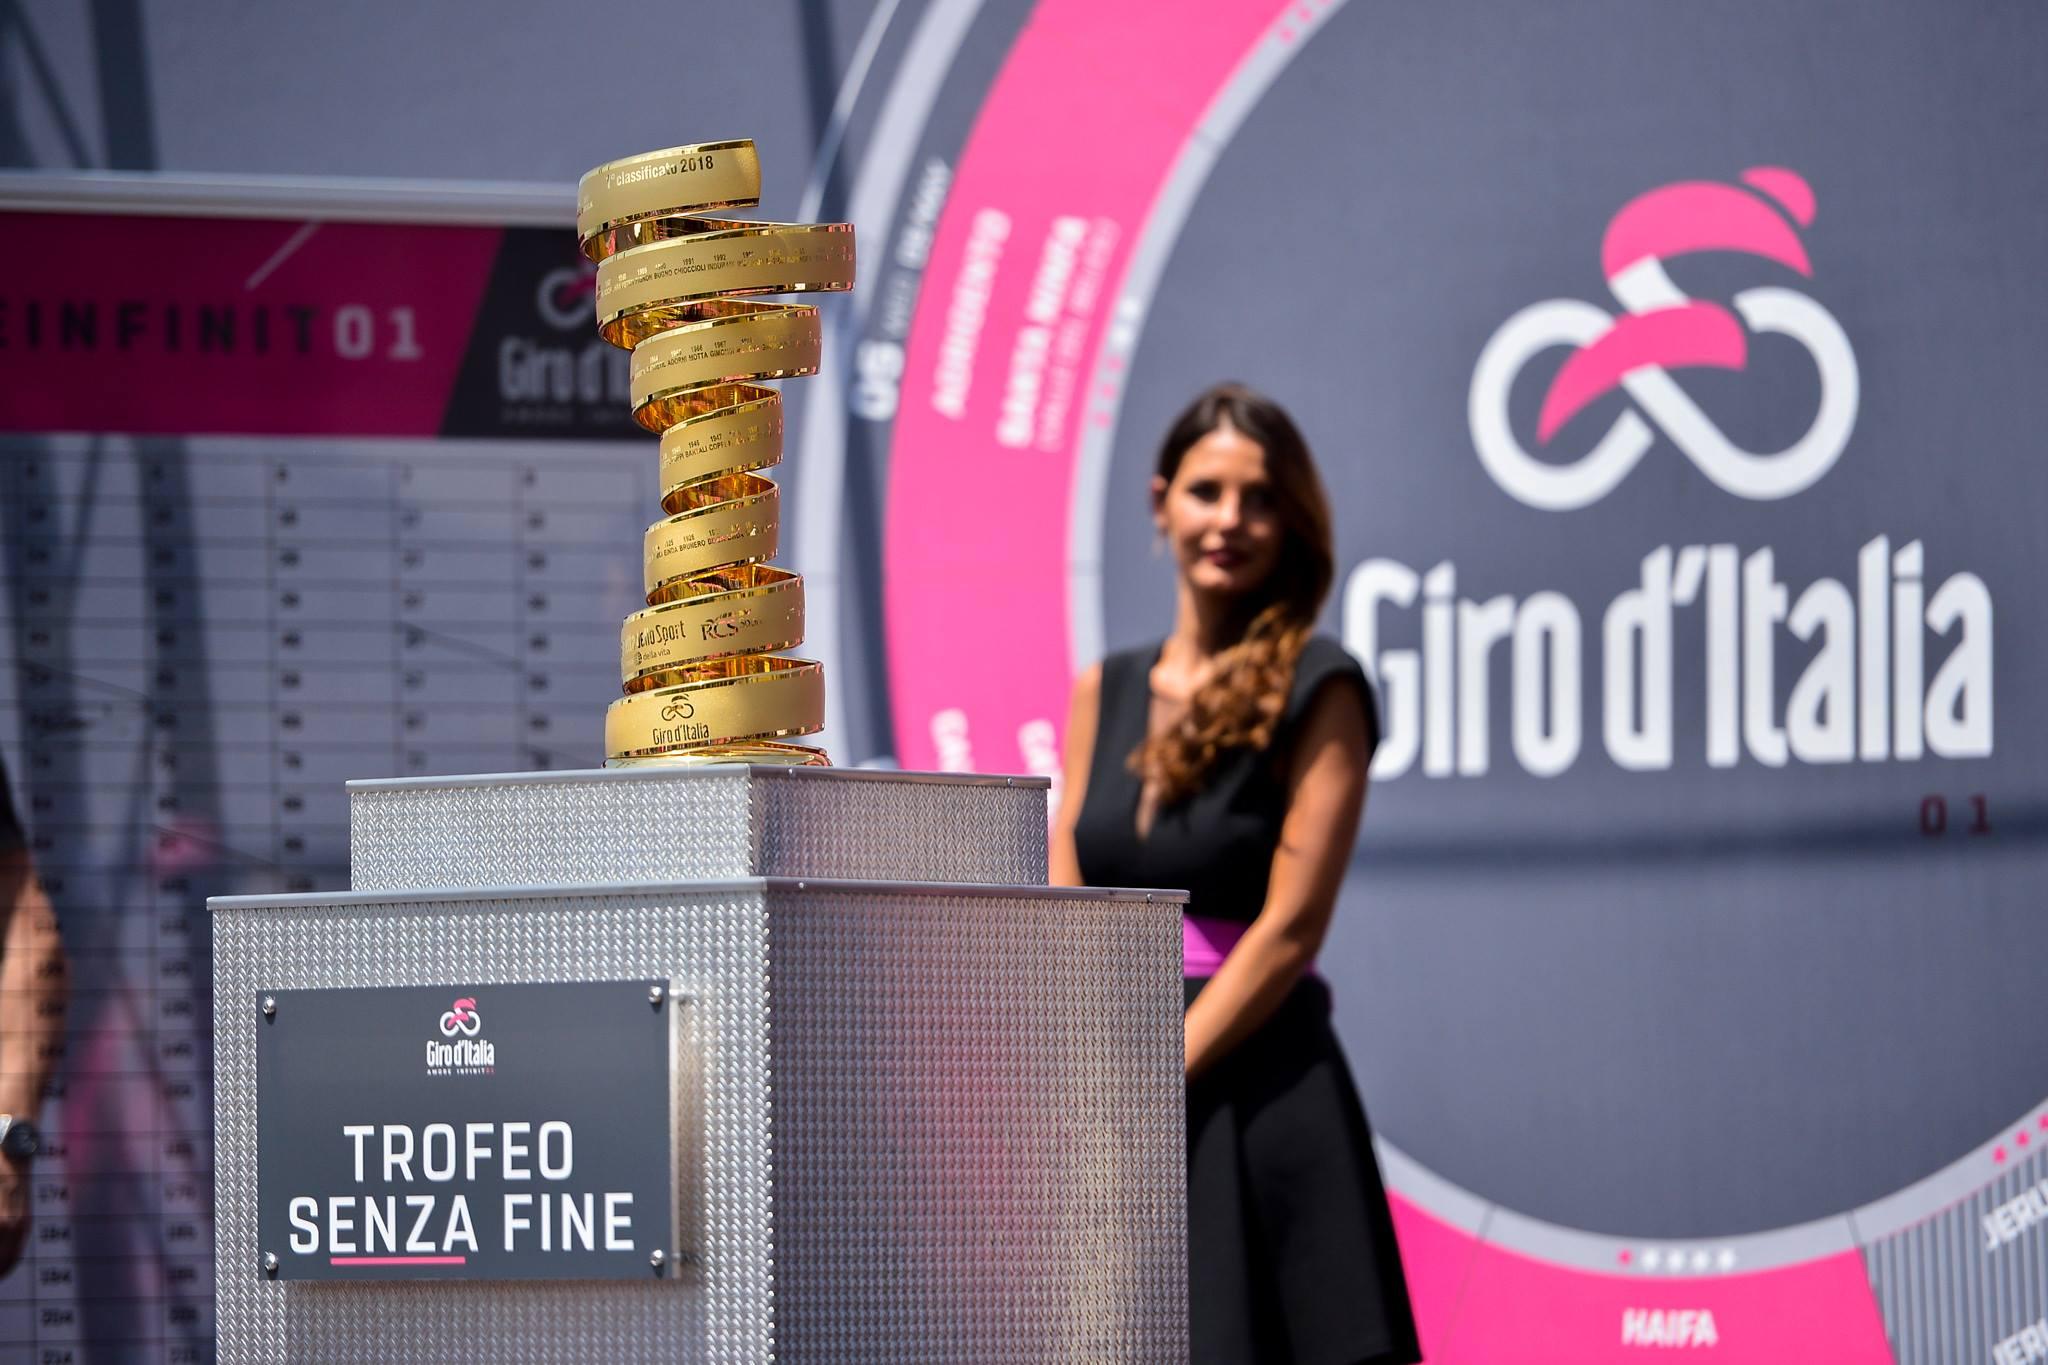 Giro de Italia - Mujer en ciclismo JoanSeguidor